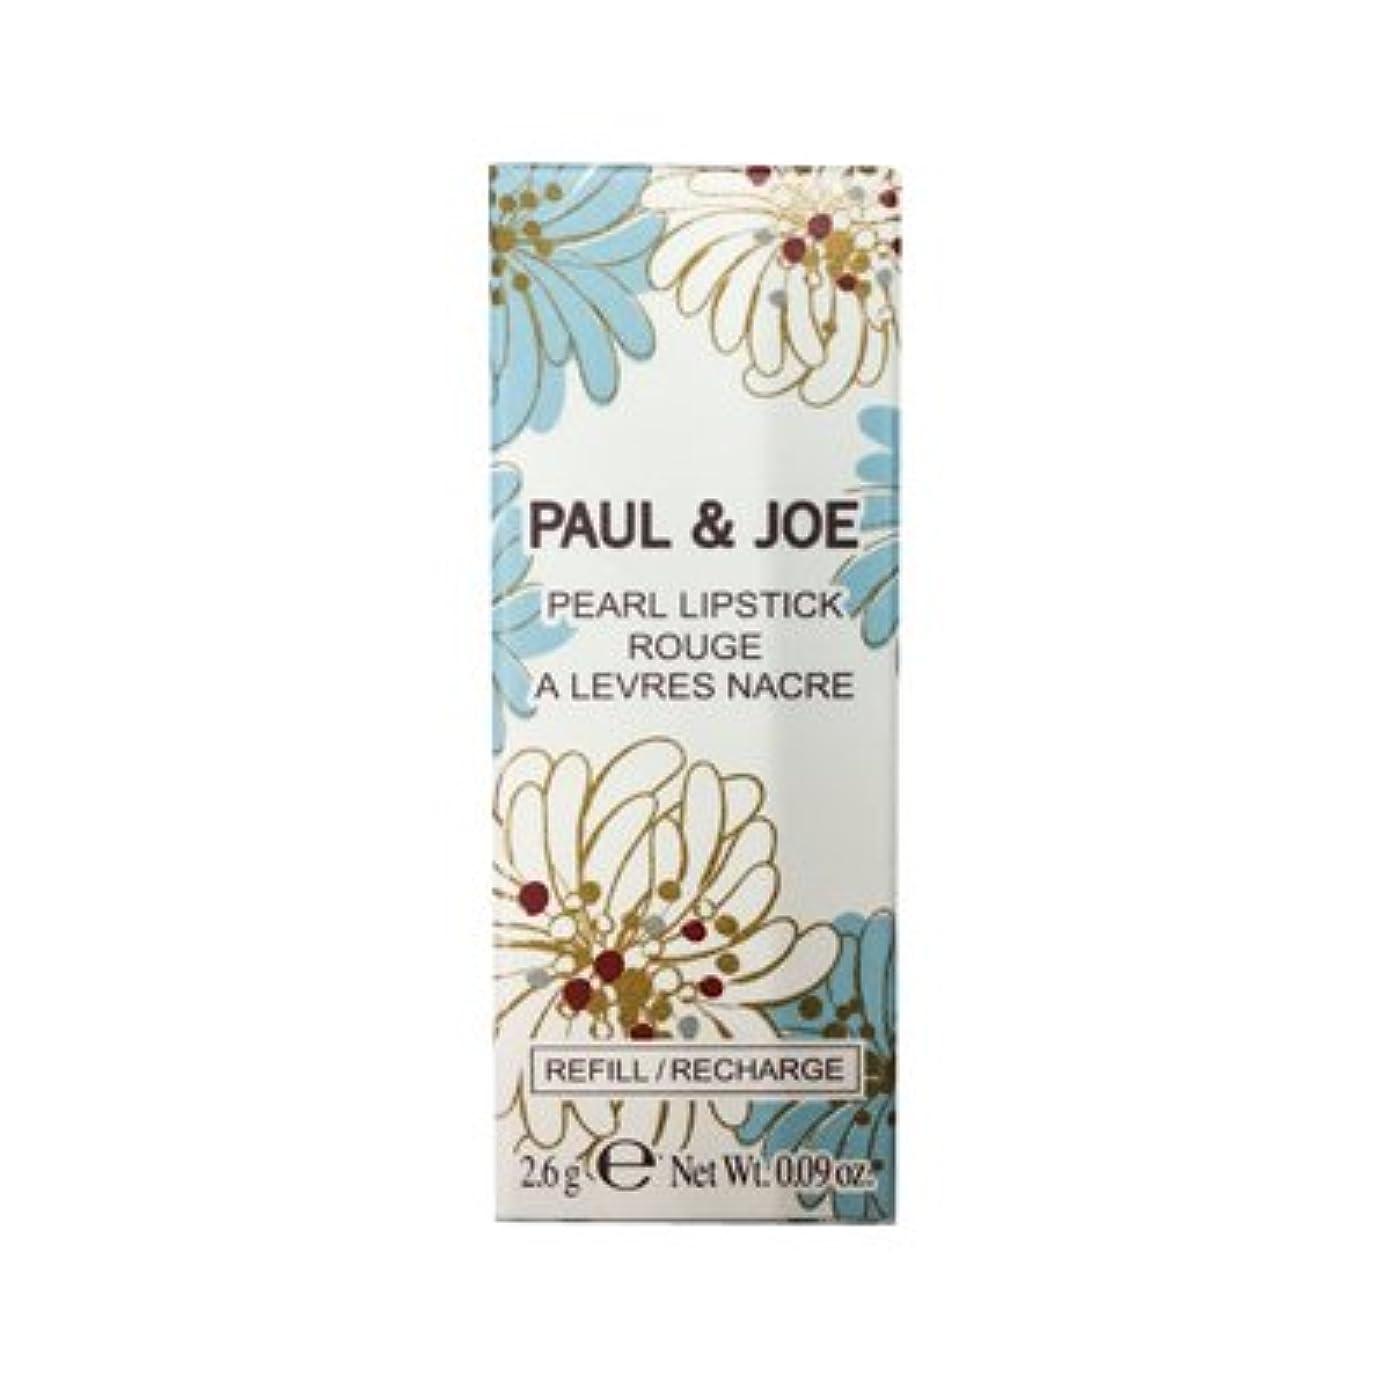 明らかに口実男らしさポール & ジョー/PAUL & JOE リップスティックスクレドール(レフィル) #402 [並行輸入品]